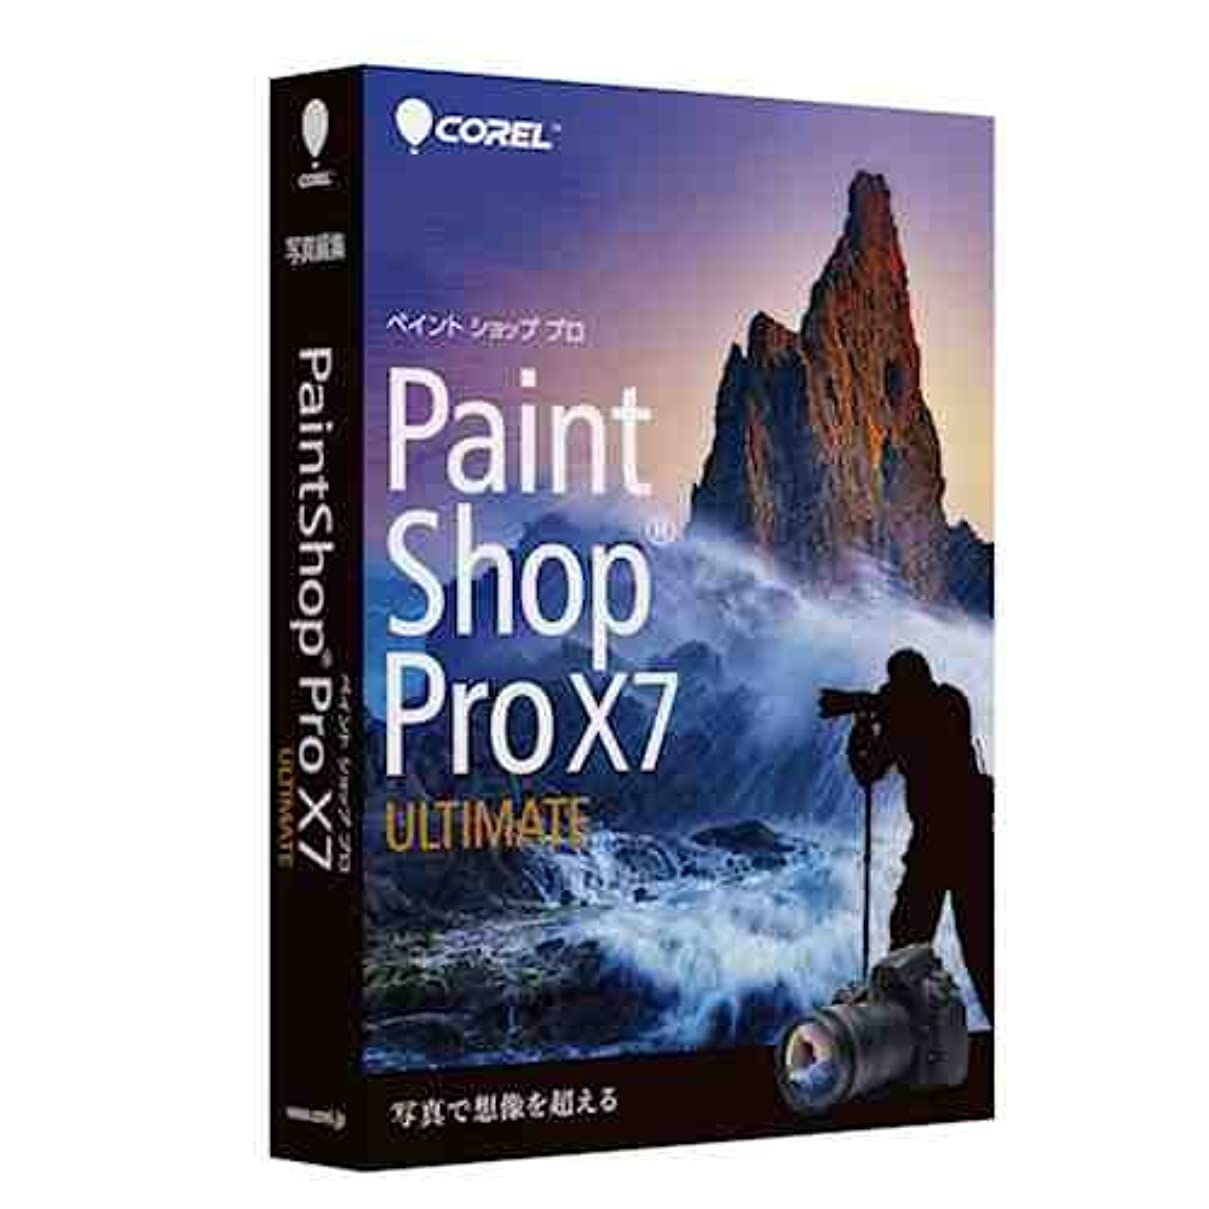 添付廃棄するゾーンCorel PaintShop Pro X7 Ultimate